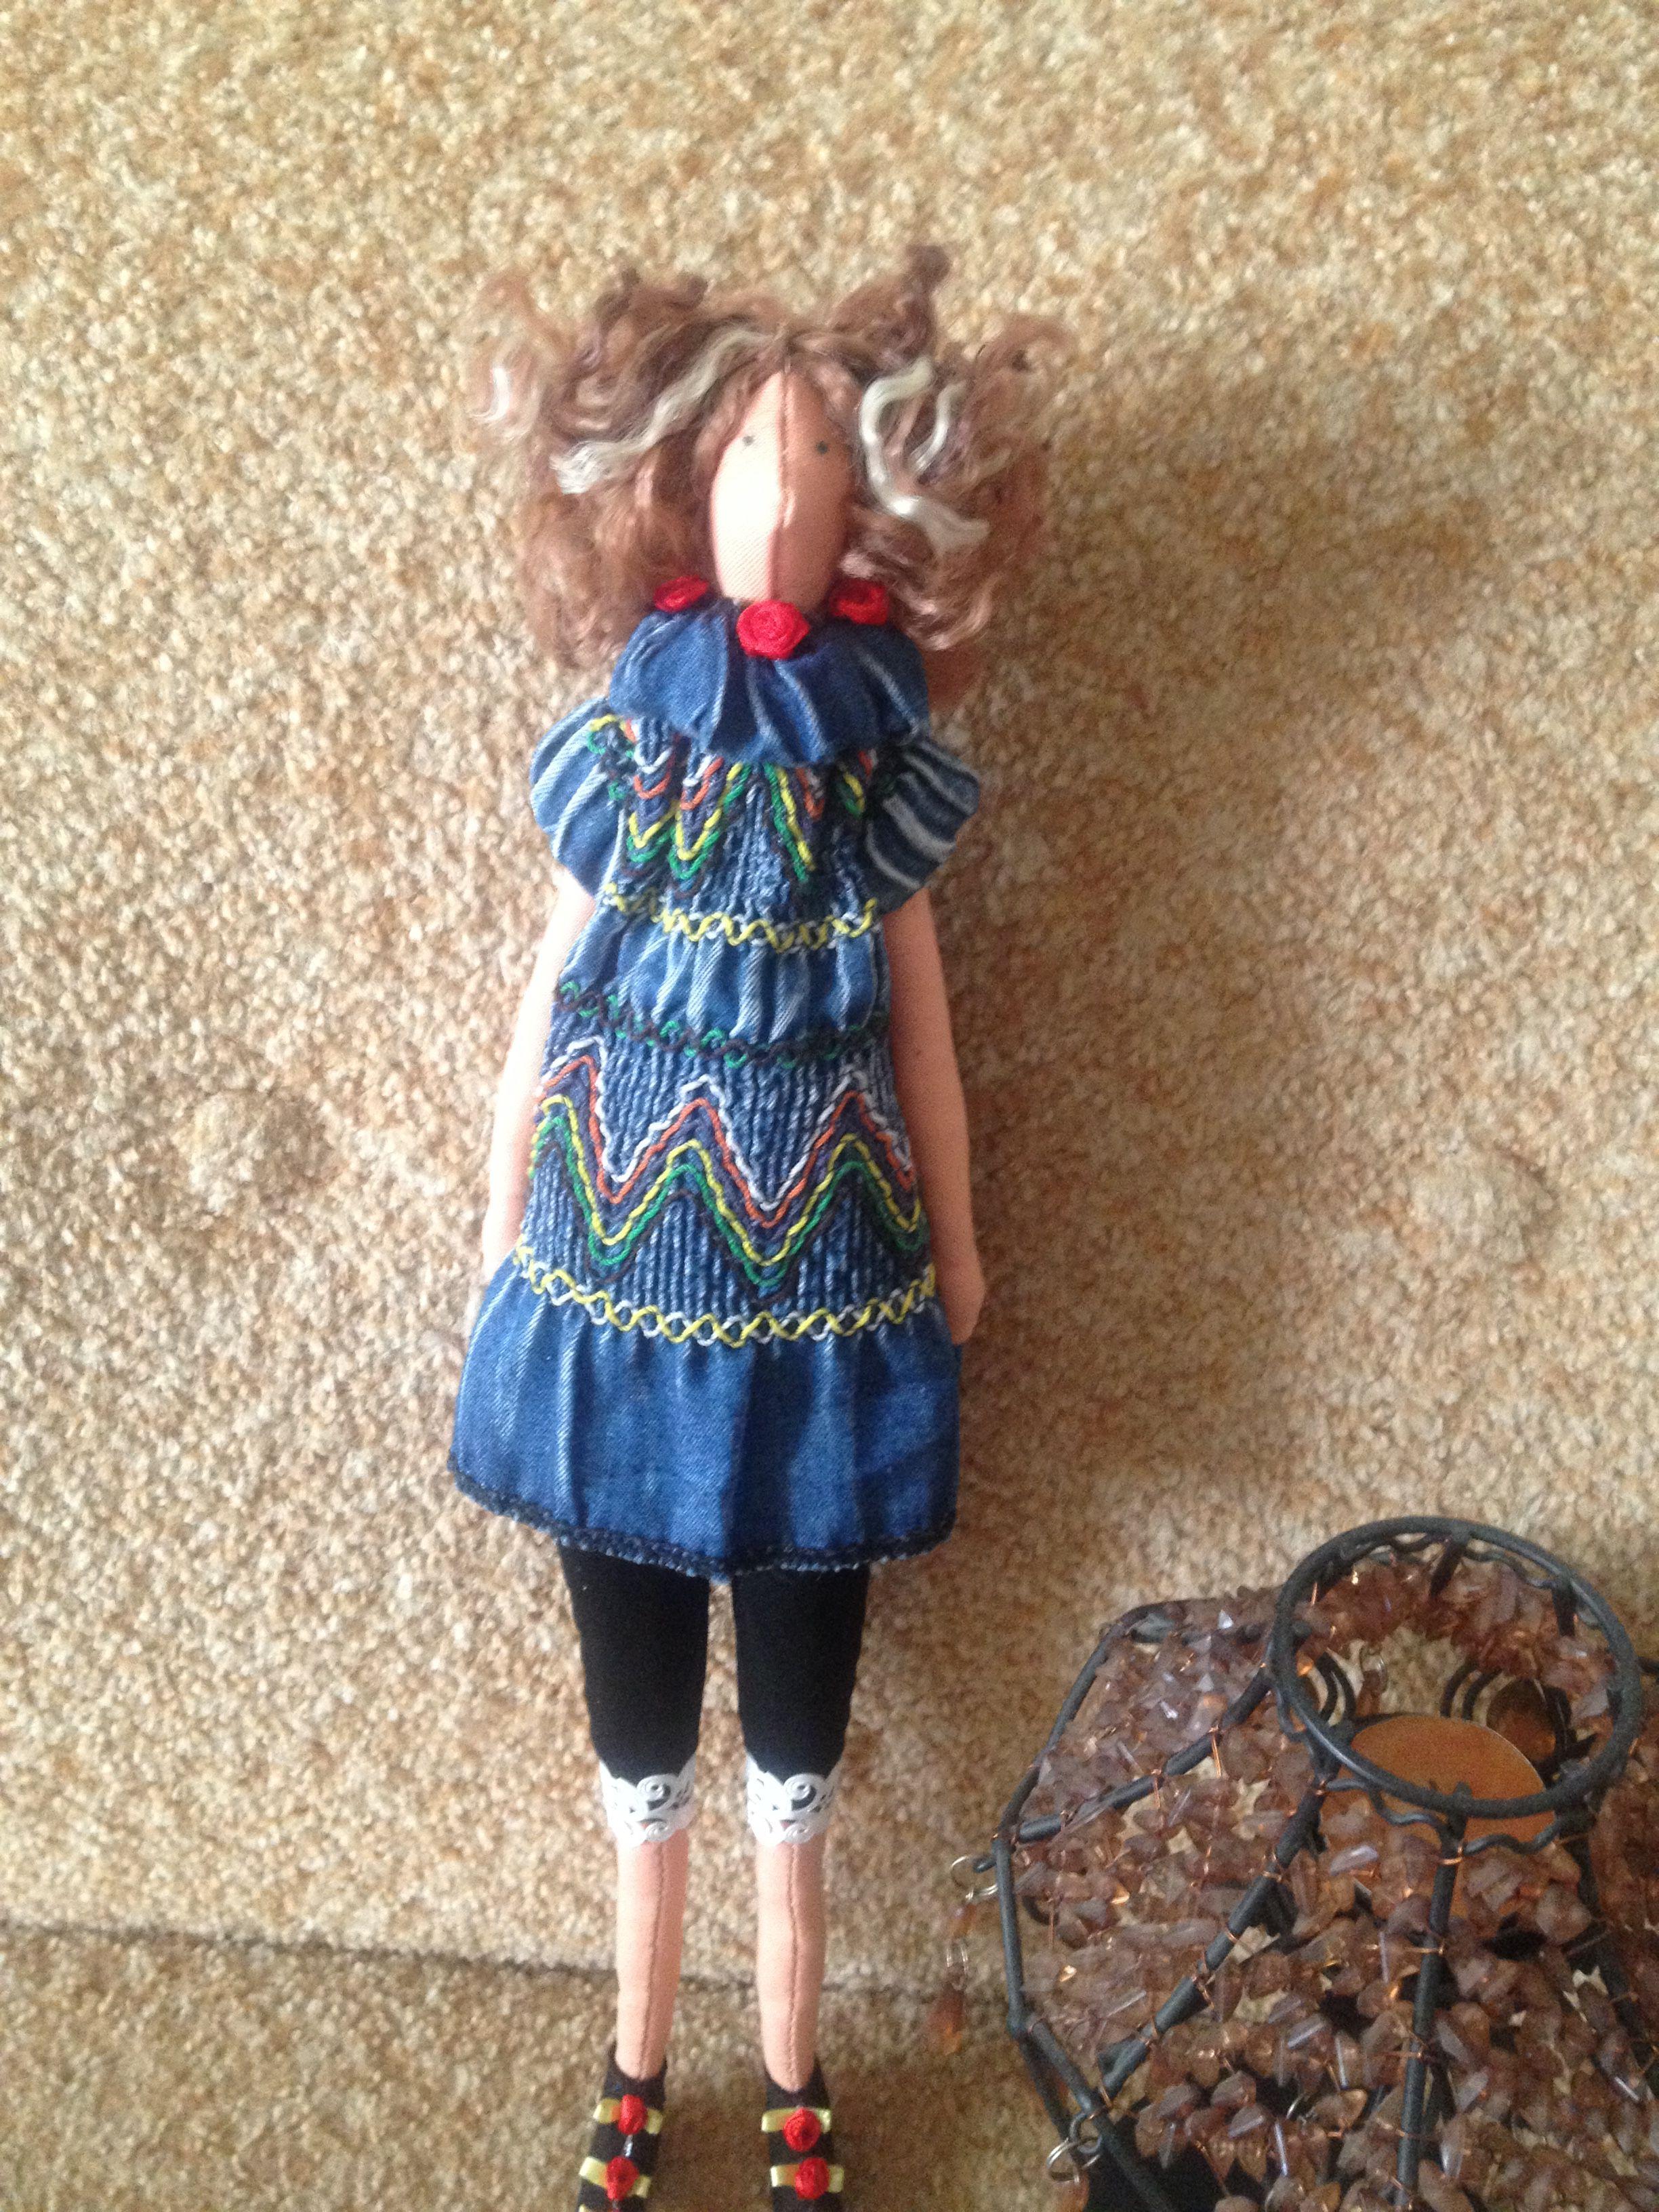 тильды текстиль тильда ткани женщины девушка кукла работа ручная для красота ручной работы милая красивая кучеряшка кучеряшки необыкновенная француженка типу девушки